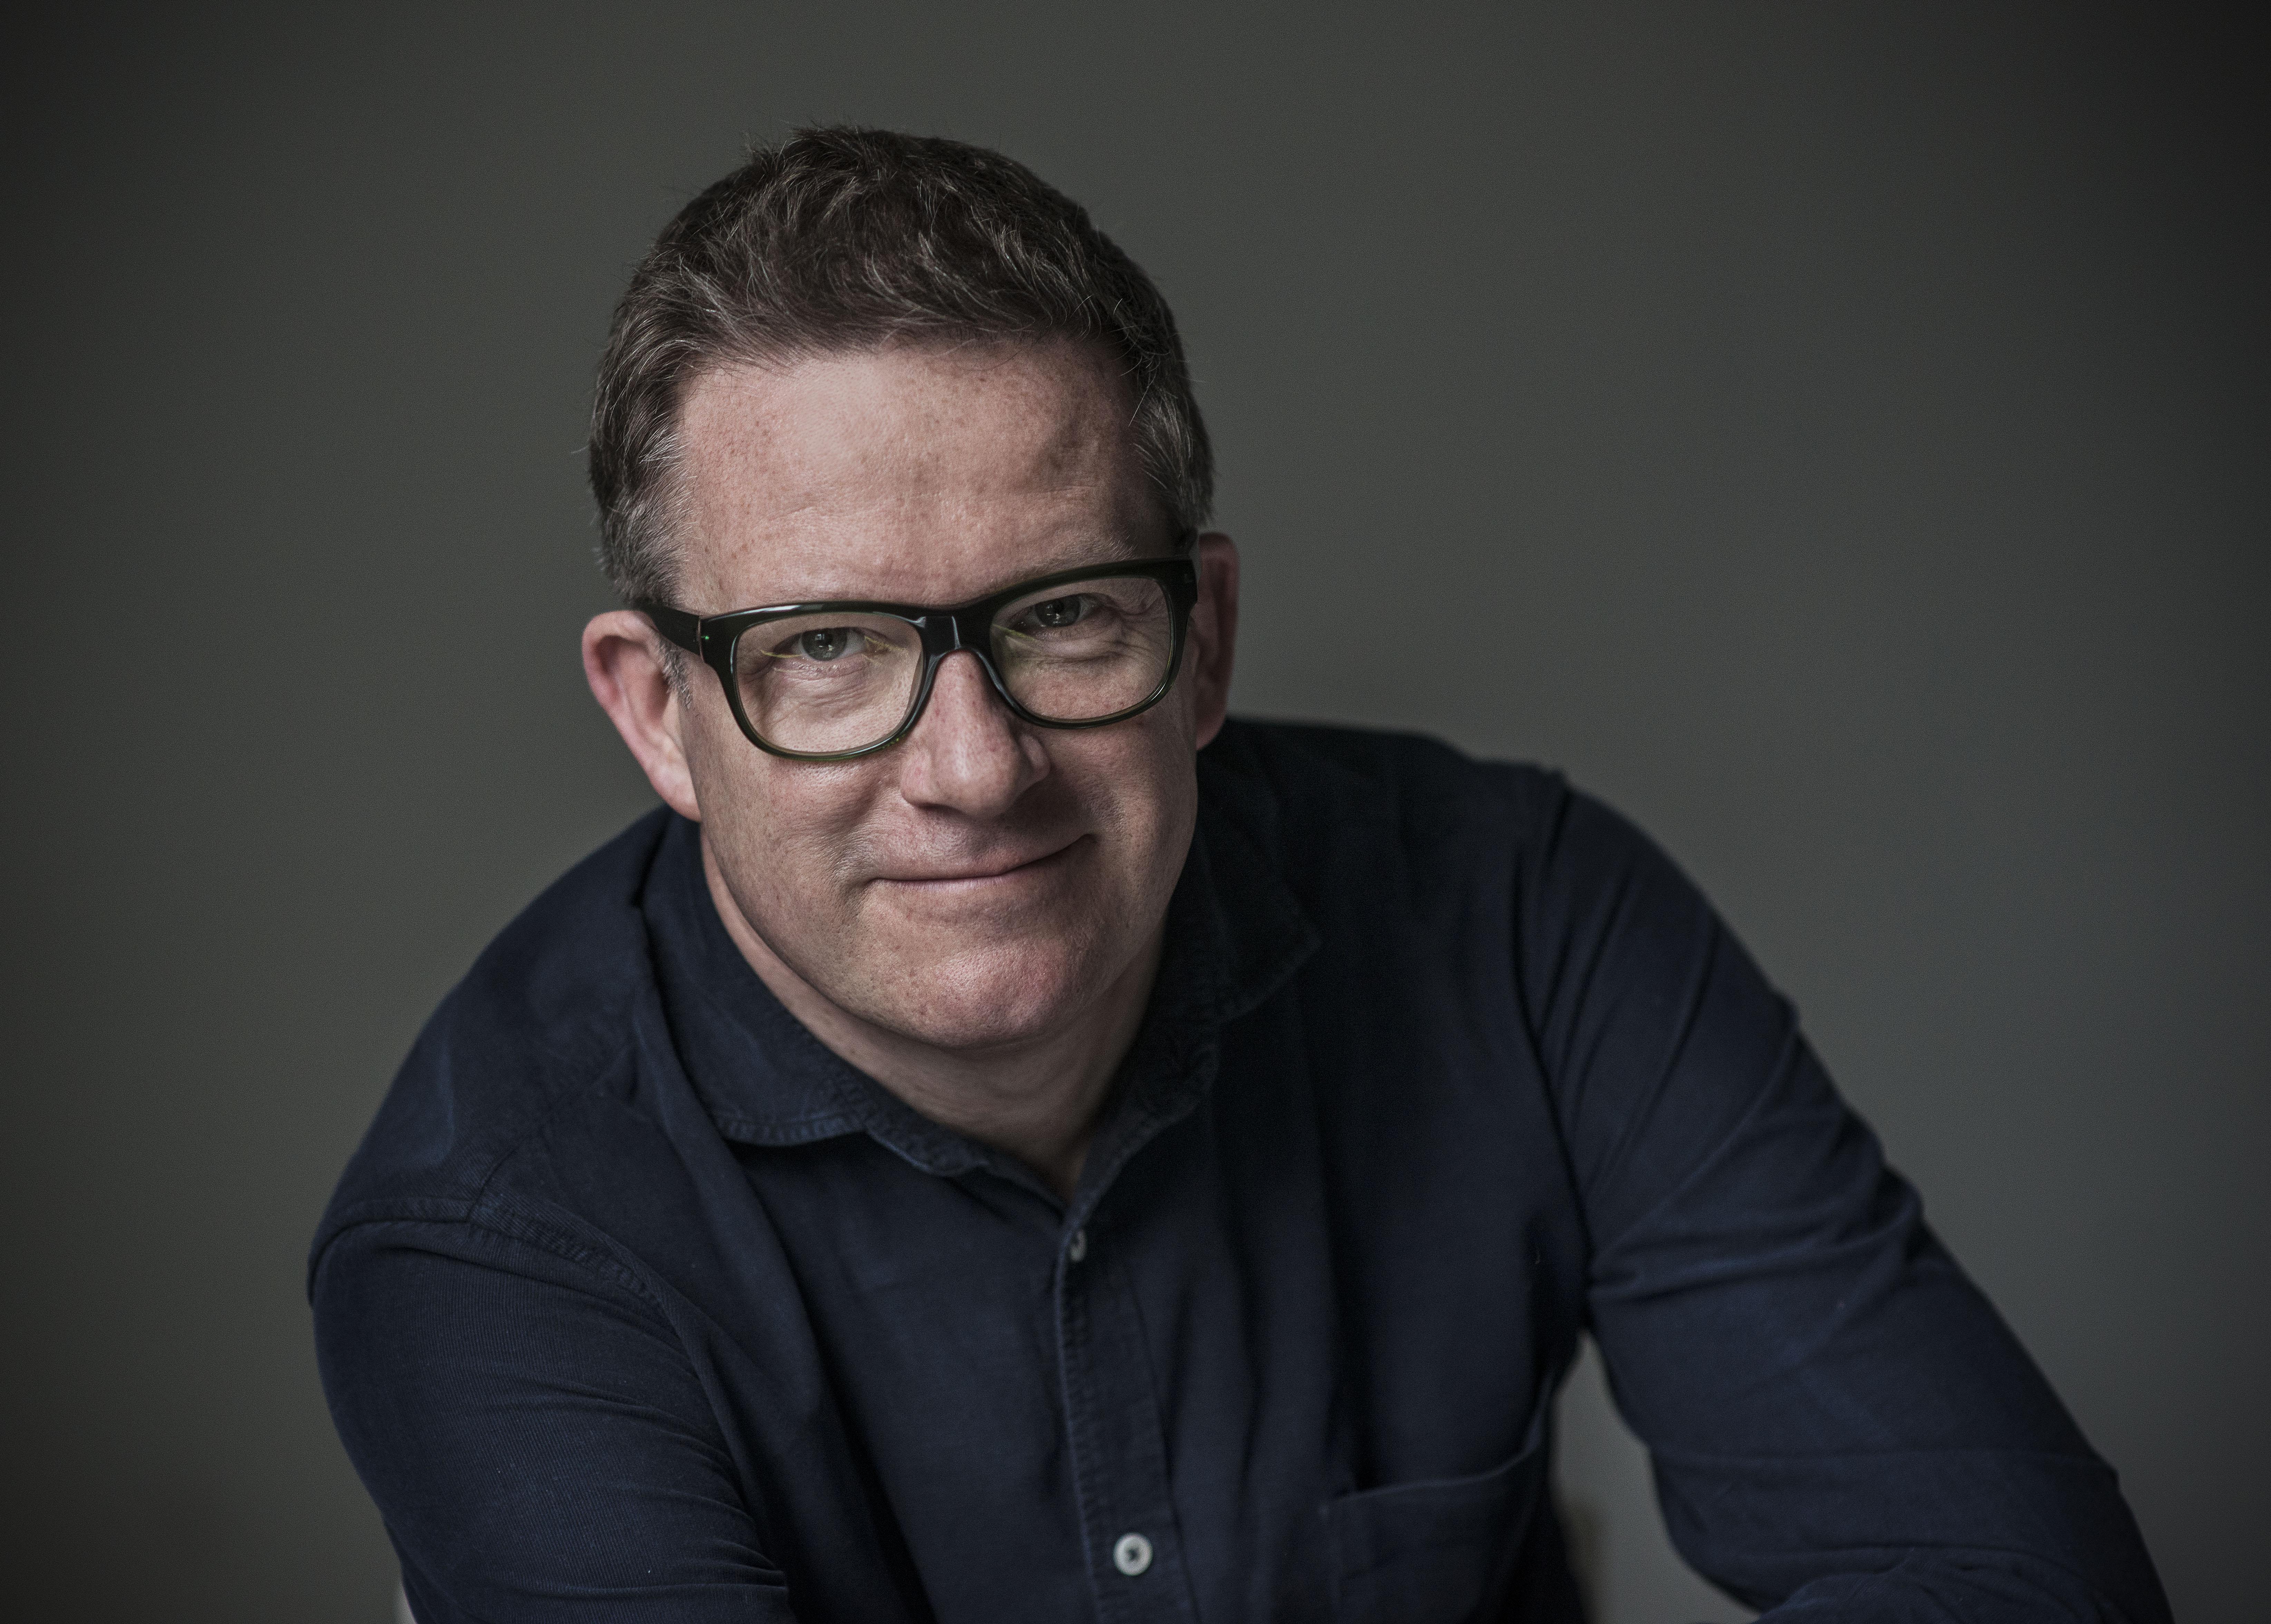 英國廣播公司曾讚譽馬修.伯恩為「大娛樂家」,他對經典劇目的改編手法廣受好評,其作品娛樂及藝術性兼備 © Hugo Glendinning